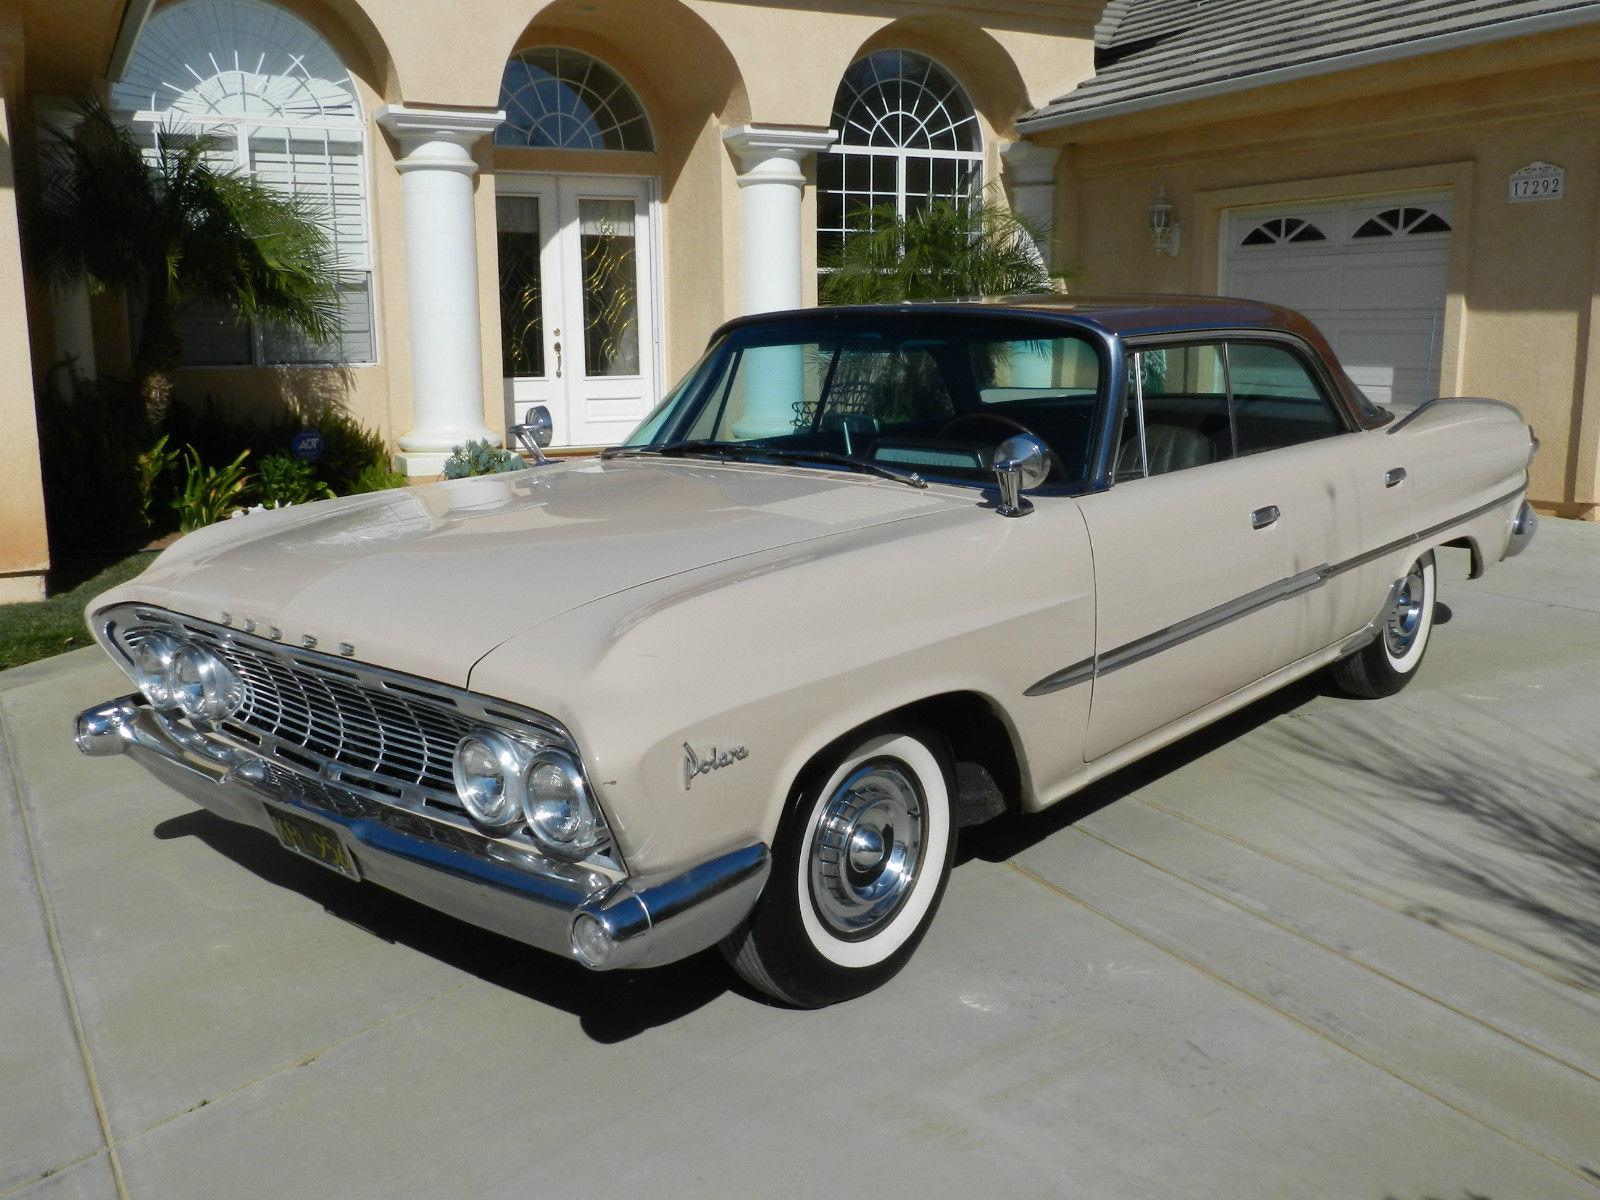 Rare 1961 Dodge Polara 1 Owner Excellent Condition